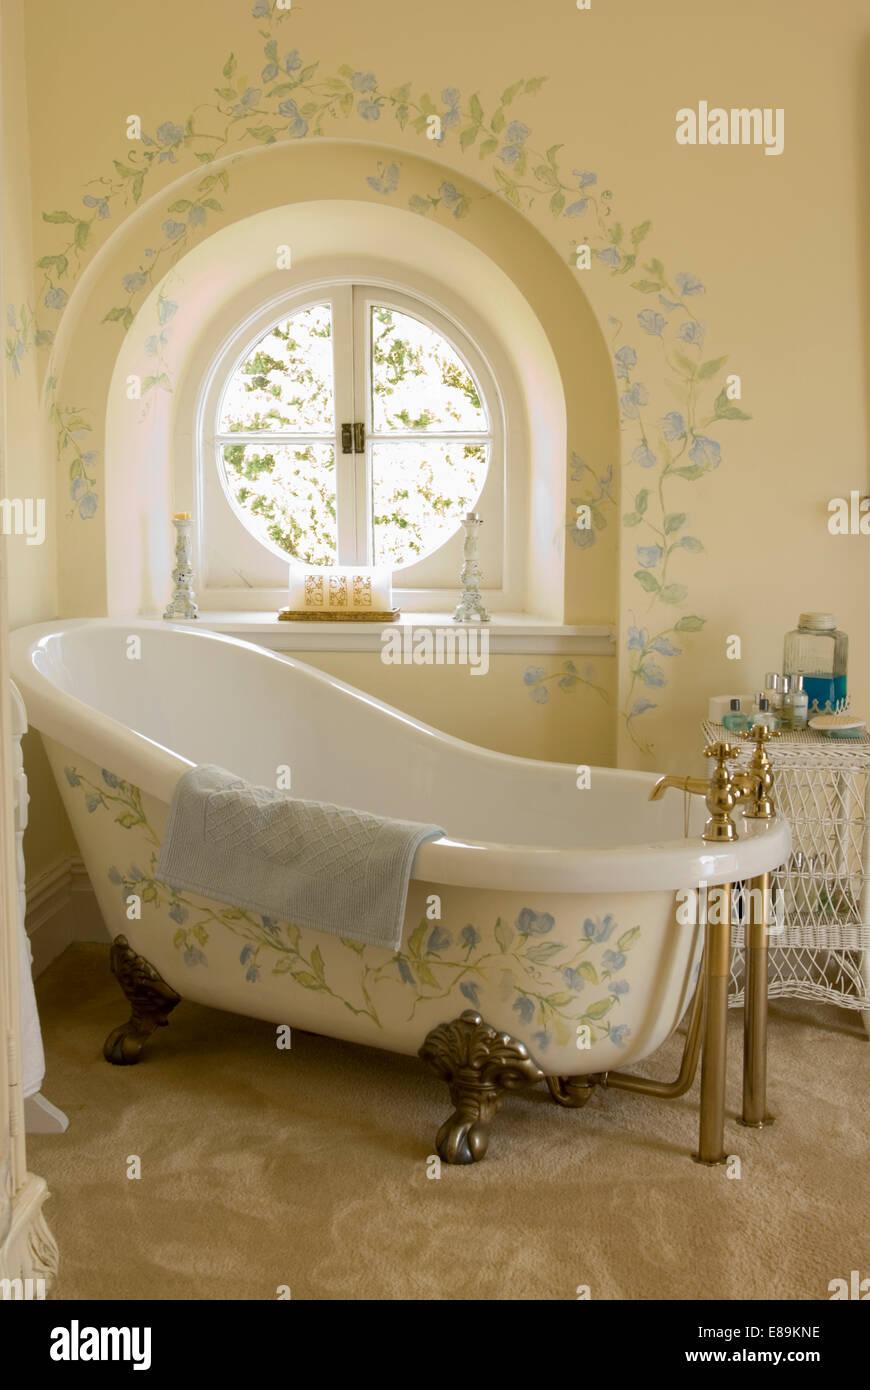 Charmant Creme Bad Mit Floraler Bemalung Auf Rolltop Bad Vor Kreisrundes Fenster Mit  Passenden Dekoration An Wand